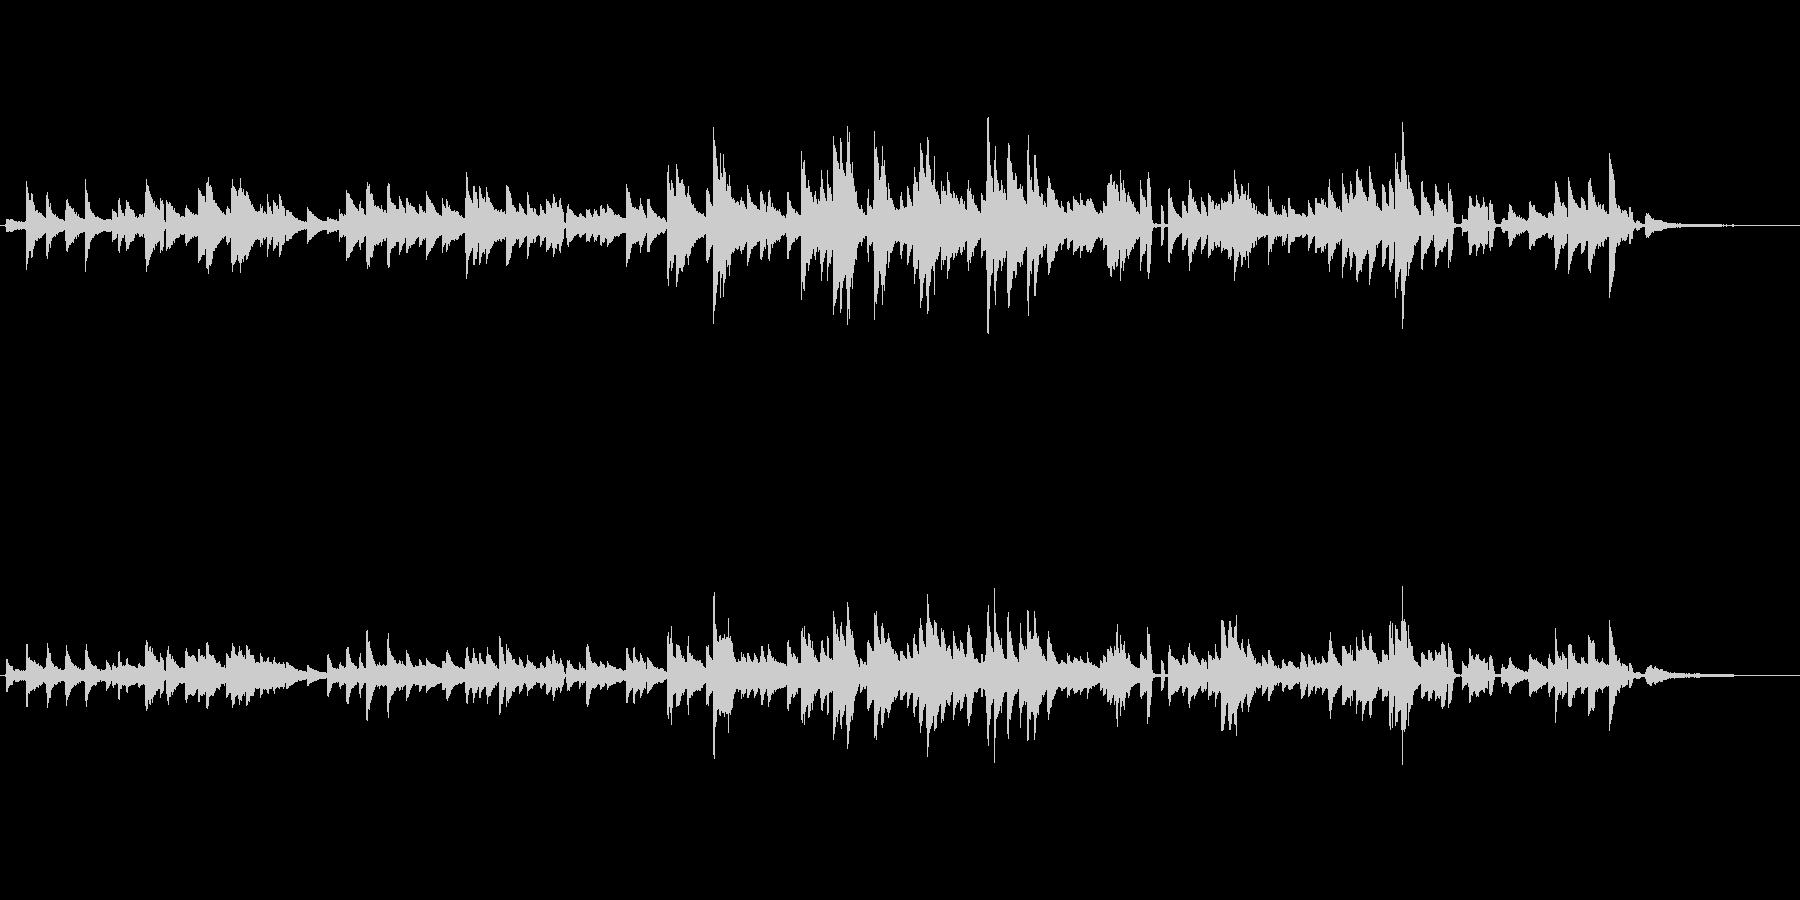 生ピアノソロ・ブルースっぽいジャズピアノの未再生の波形